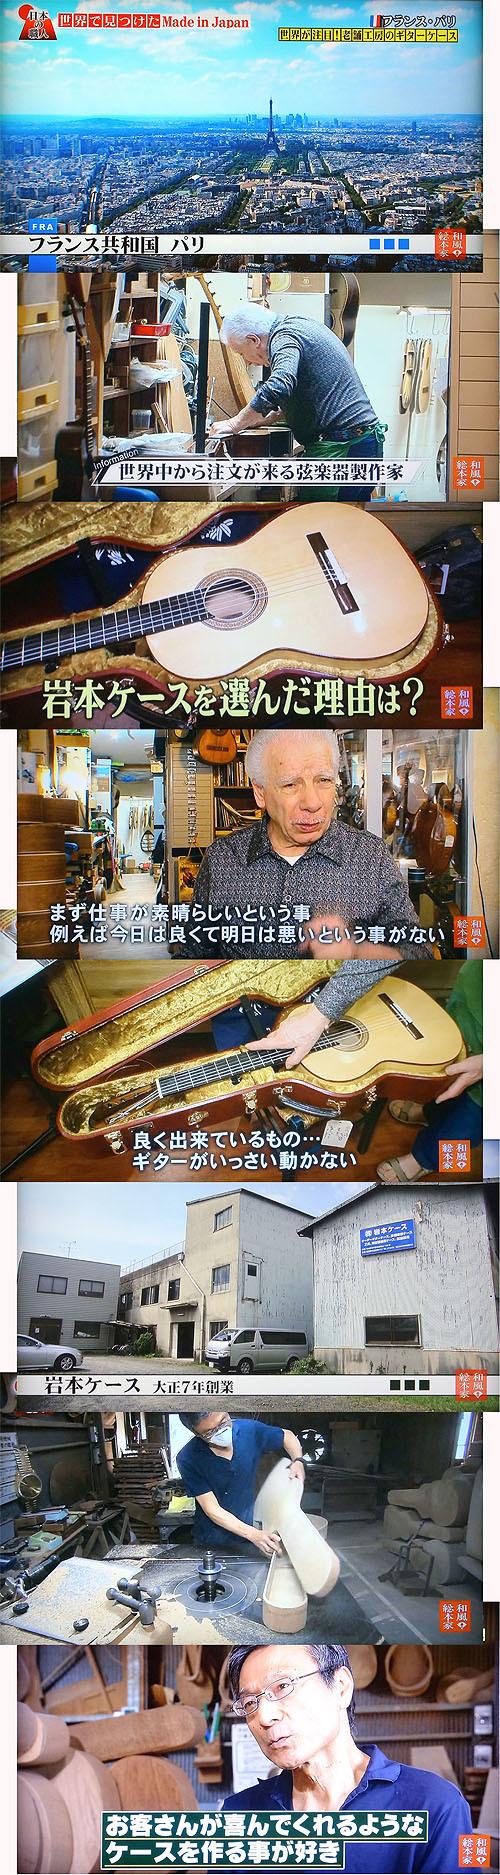 今年も楽しみました!『TOKYOハンドクラフトギターフェス 2017』_c0137404_23524144.jpg